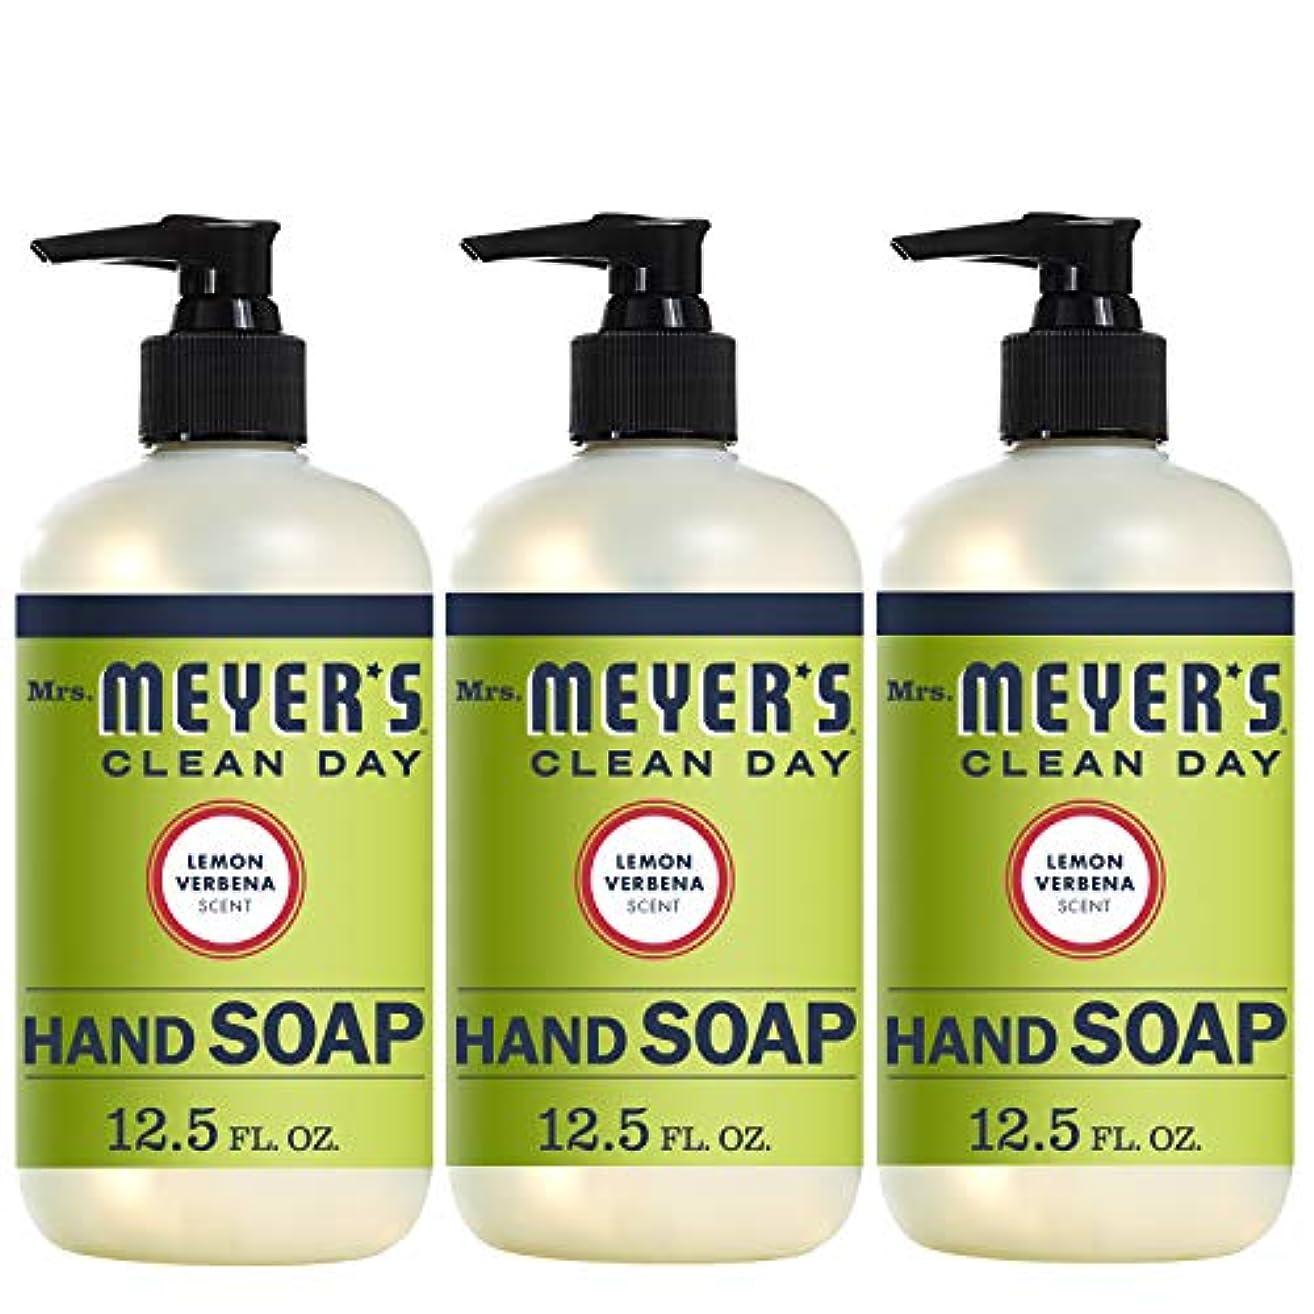 貯水池プレート道徳Mrs. Meyers Clean Day ハンドソープ レモン Verbena 12.5液量オンス